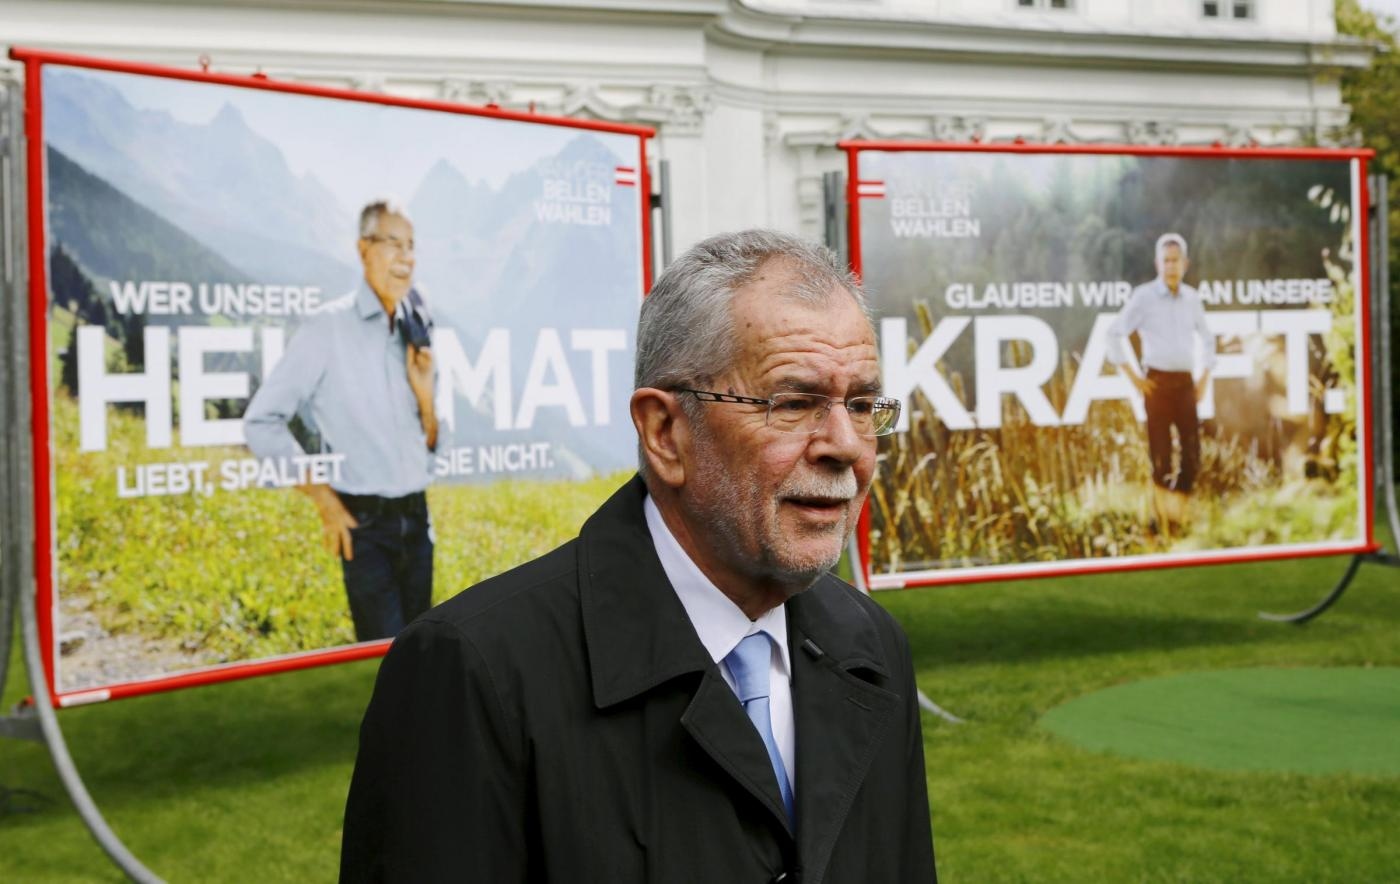 Elezioni Austria candidato Van der Bellen presenta la sua campagna elettorale a Vienna